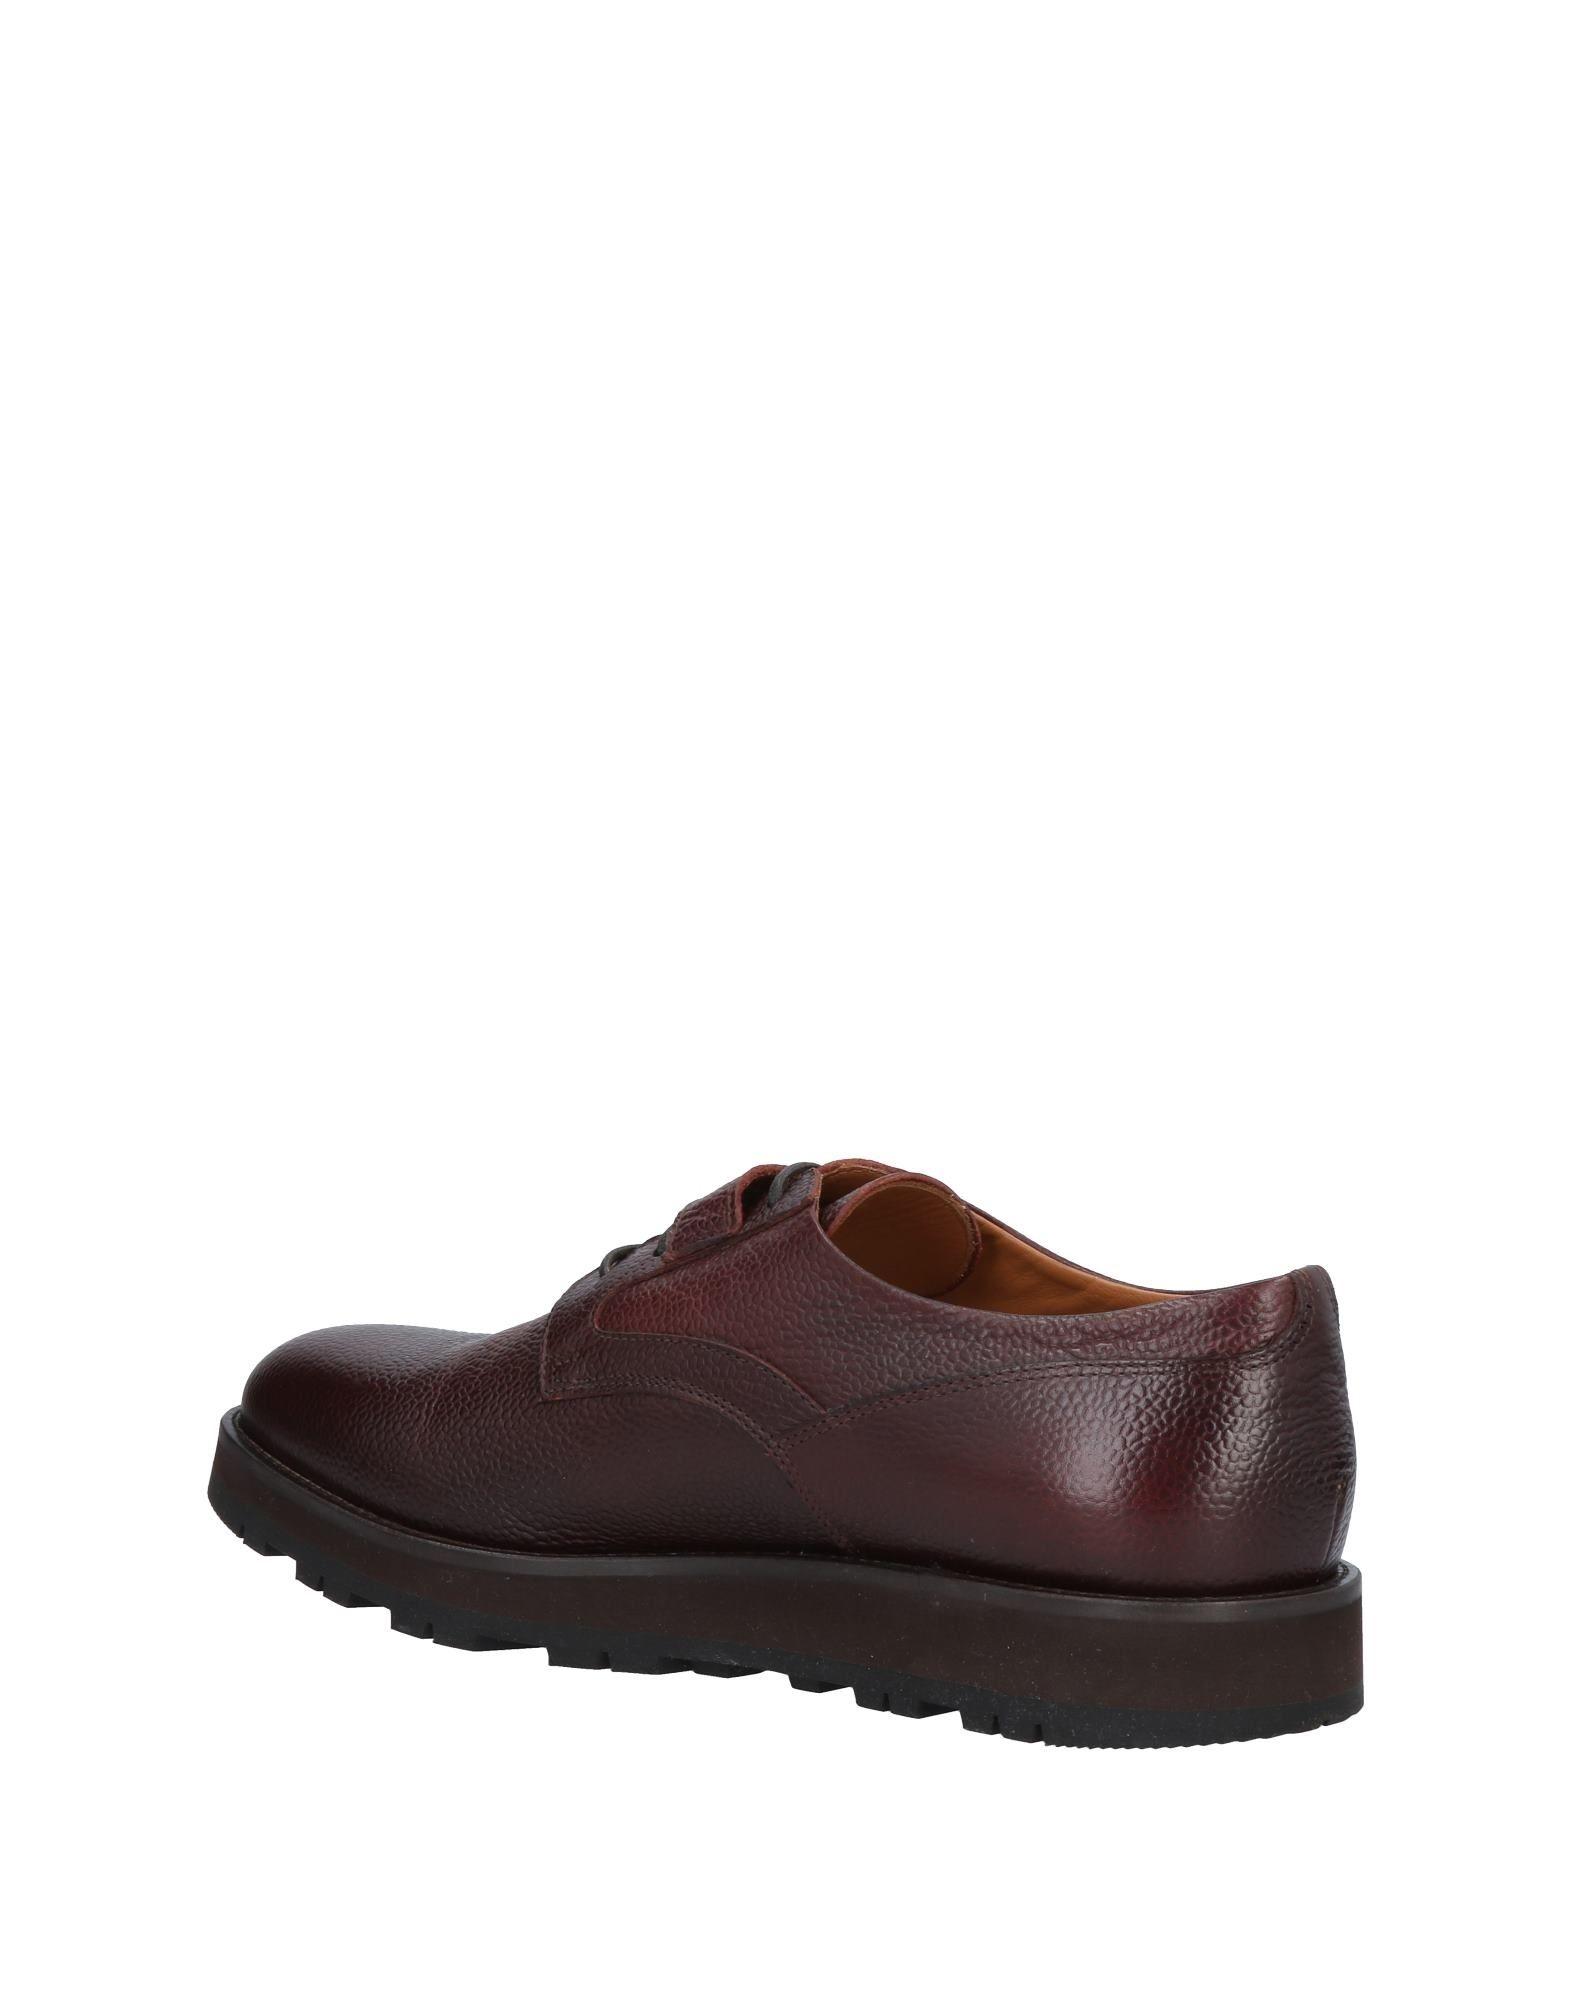 Doucal's Schnürschuhe Herren  11474345BD Gute Qualität beliebte Schuhe